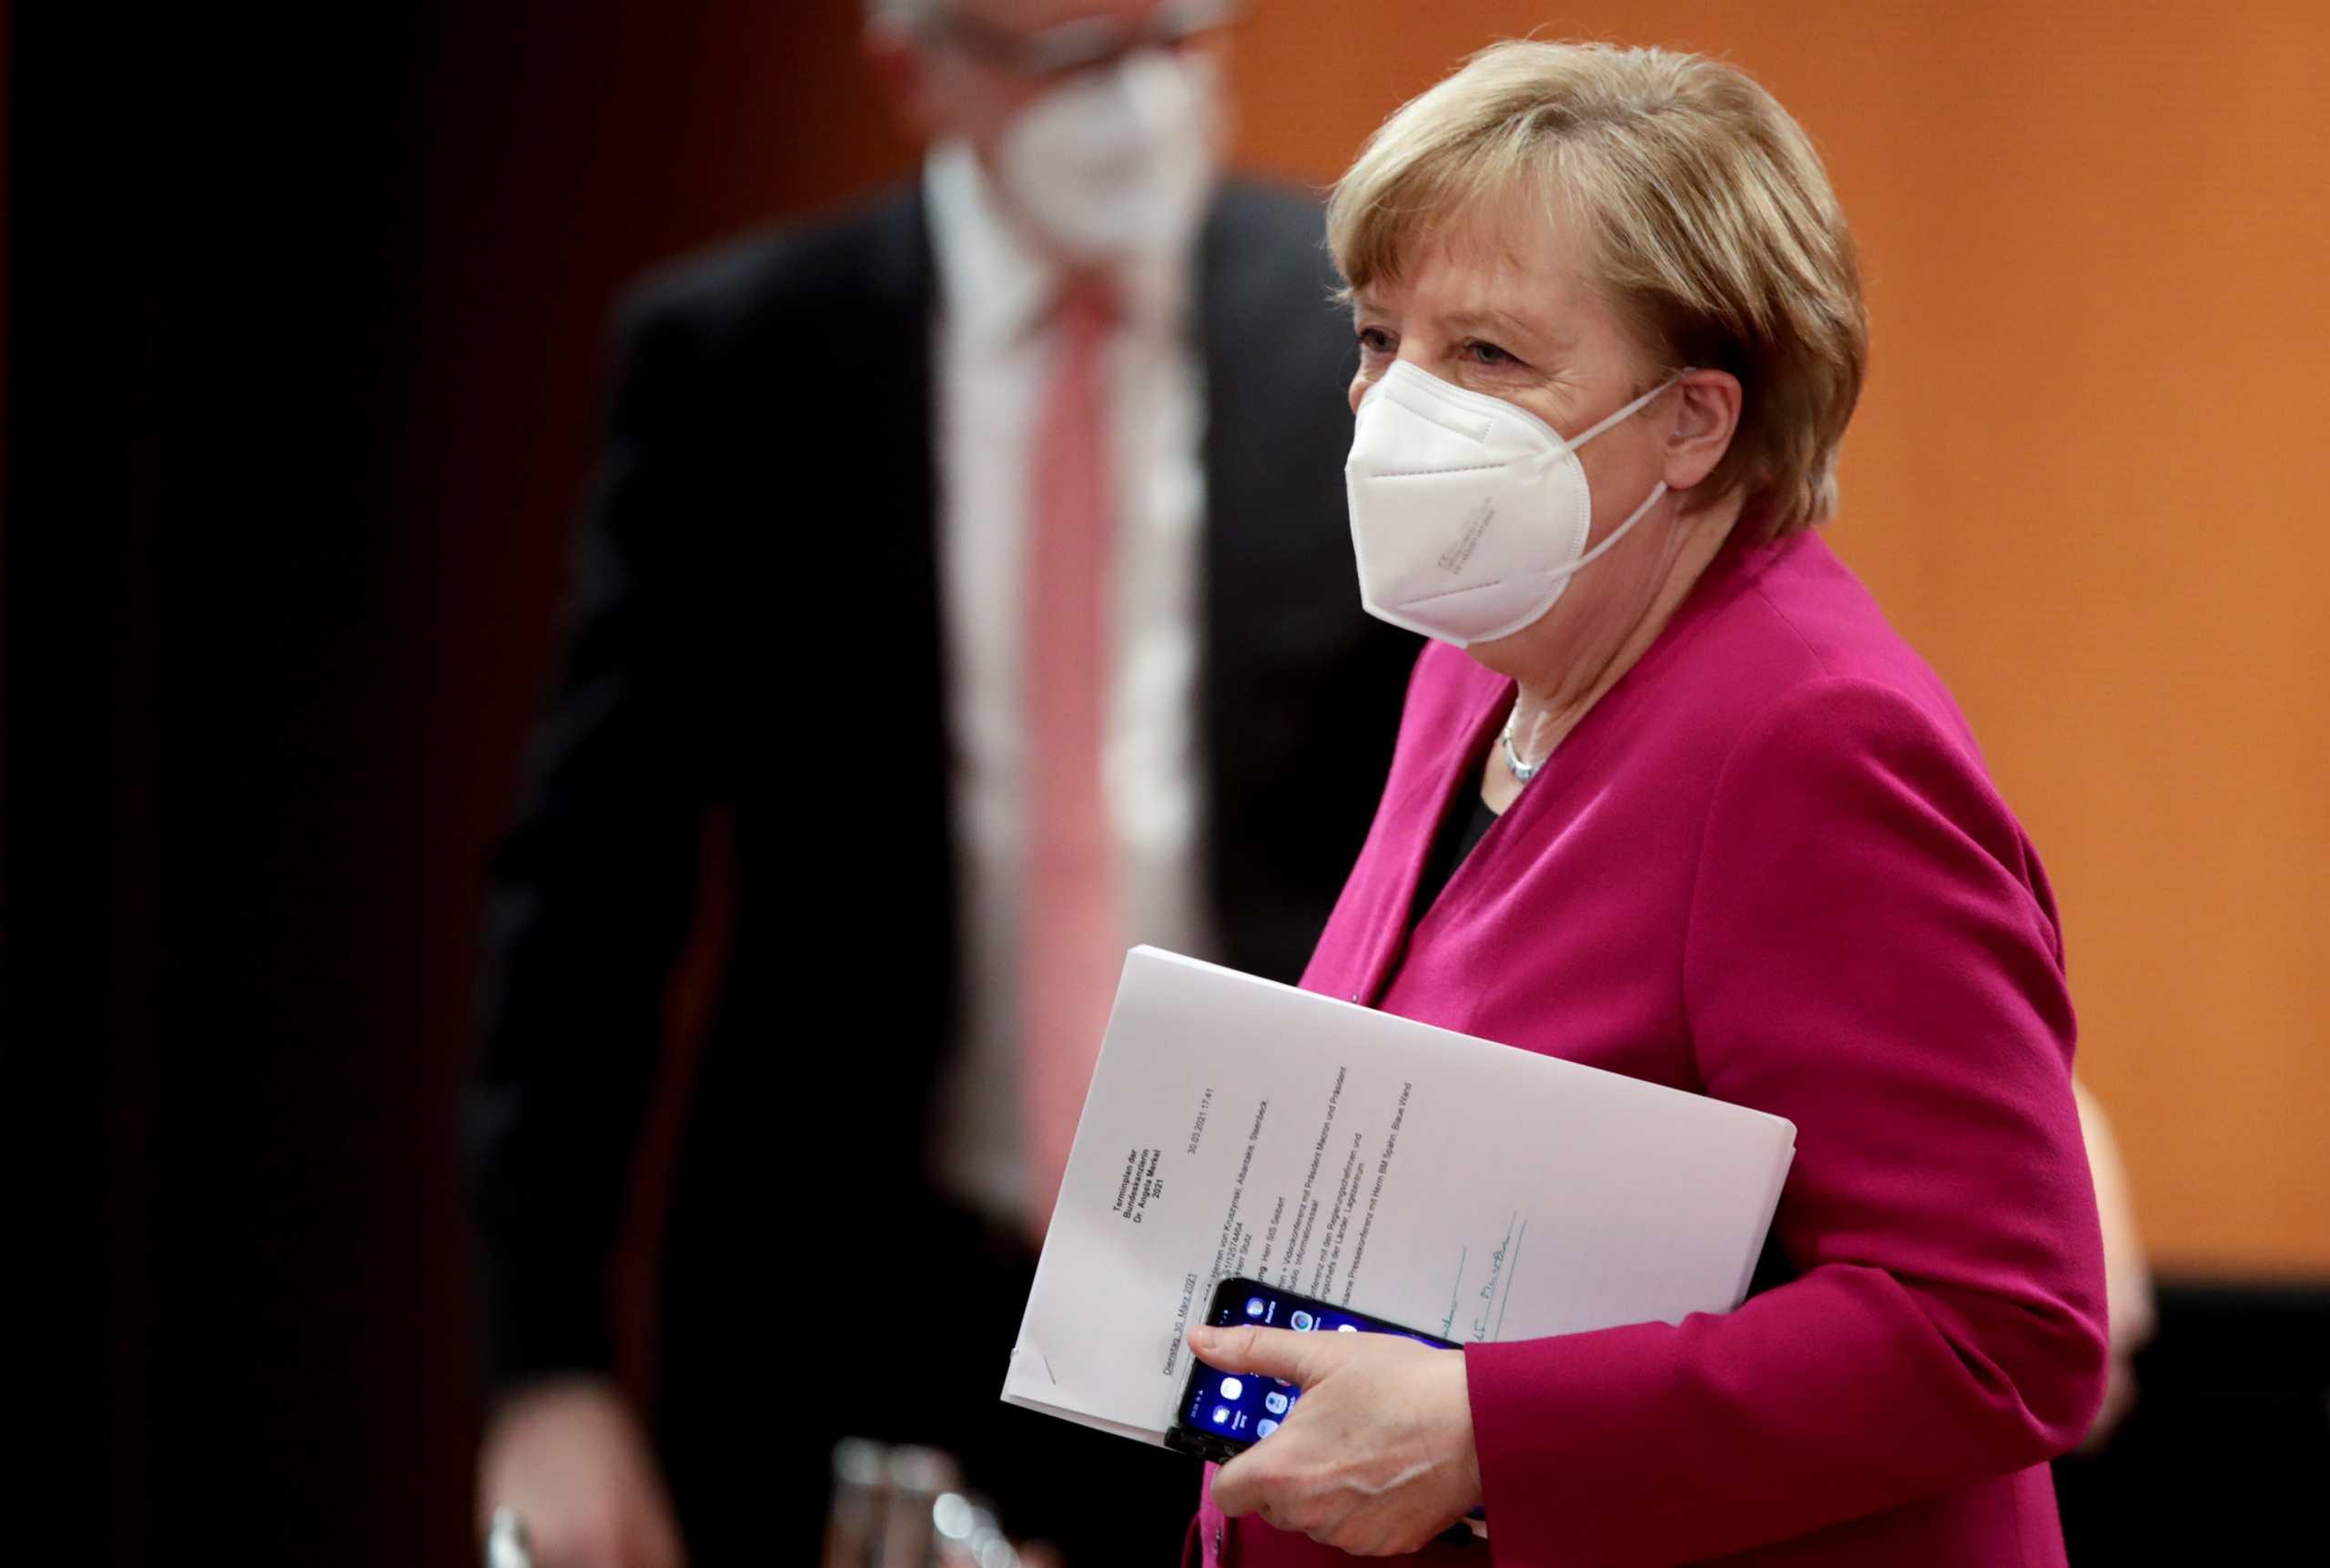 Γερμανία: Προς αναβολή η διάσκεψη της Μέρκελ με τους πρωθυπουργούς των κρατιδίων για το lockdown